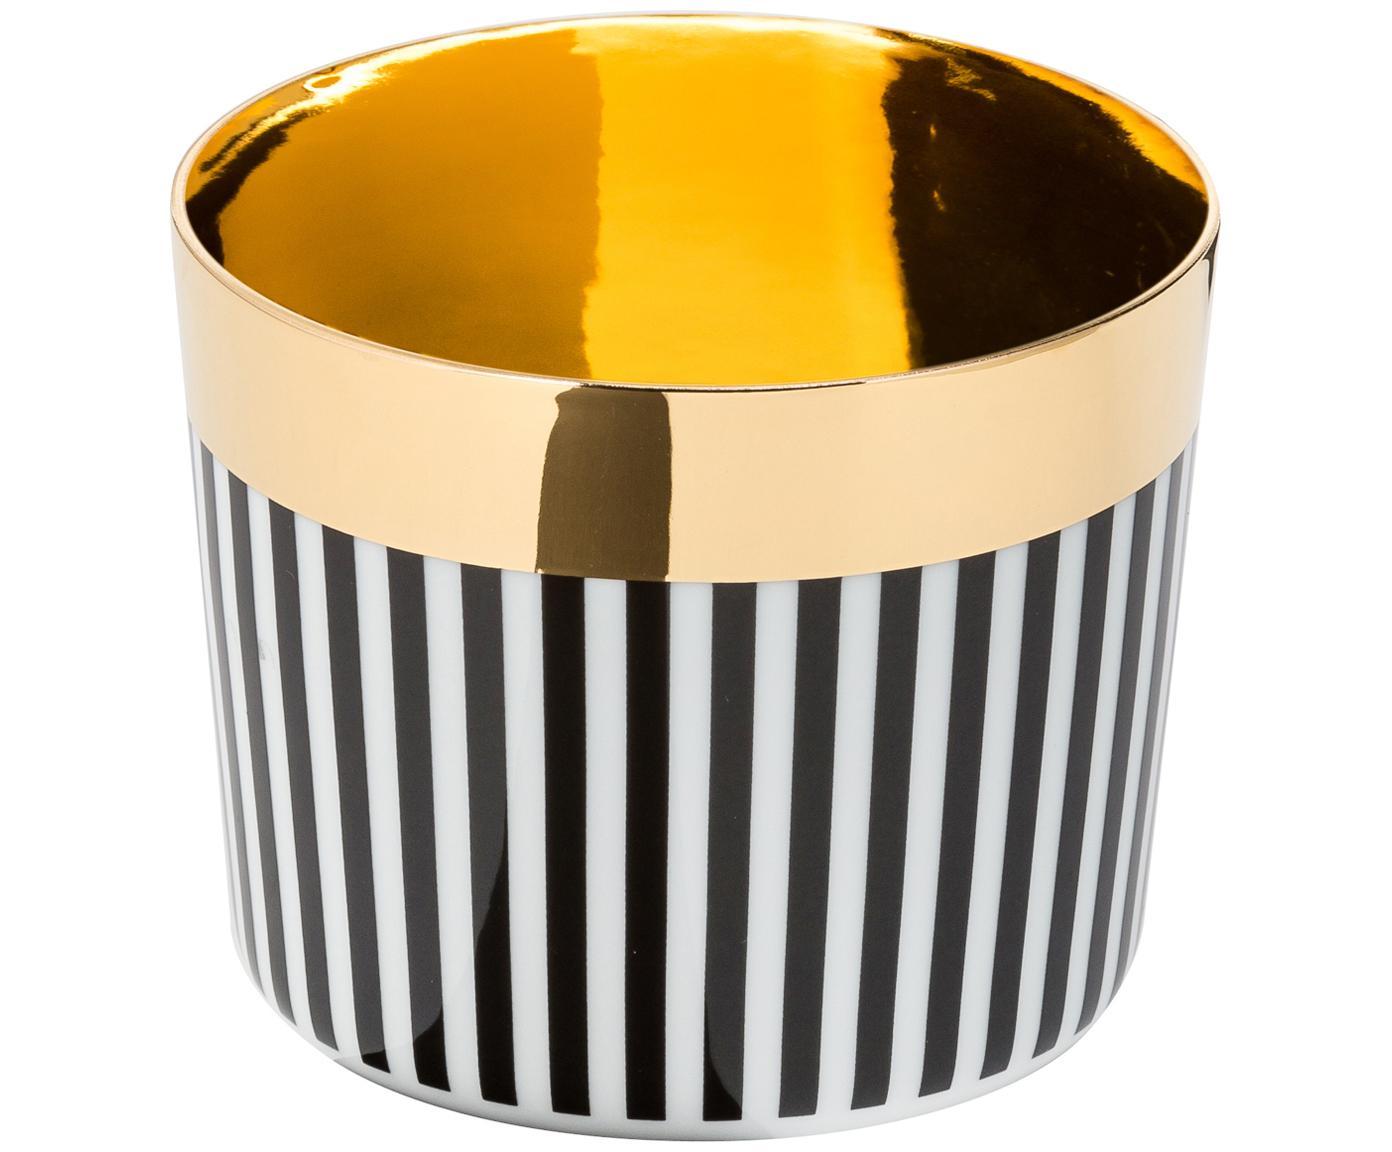 Bicchiere champagne in porcellana Sip of Gold, Bordo: dorato, Nero, bianco, dorato, 300 ml